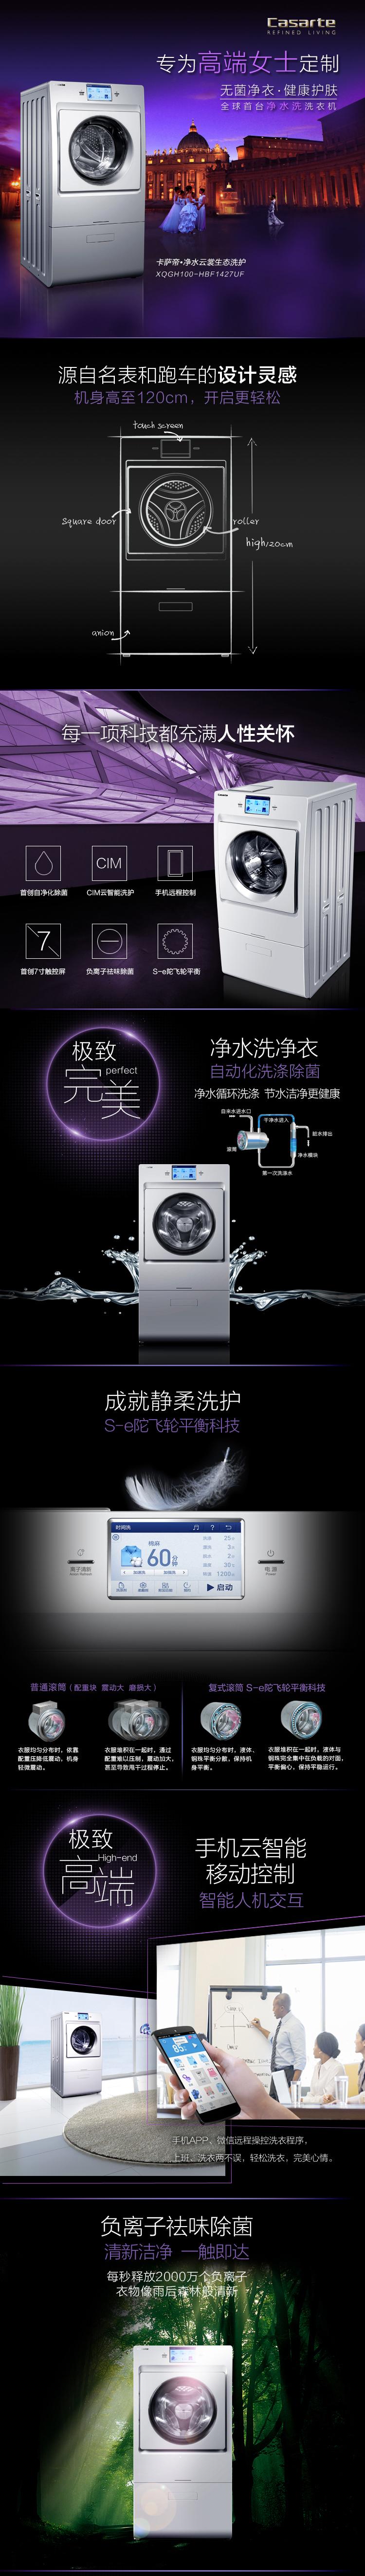 卡萨帝高端洗衣机——净水云裳图0